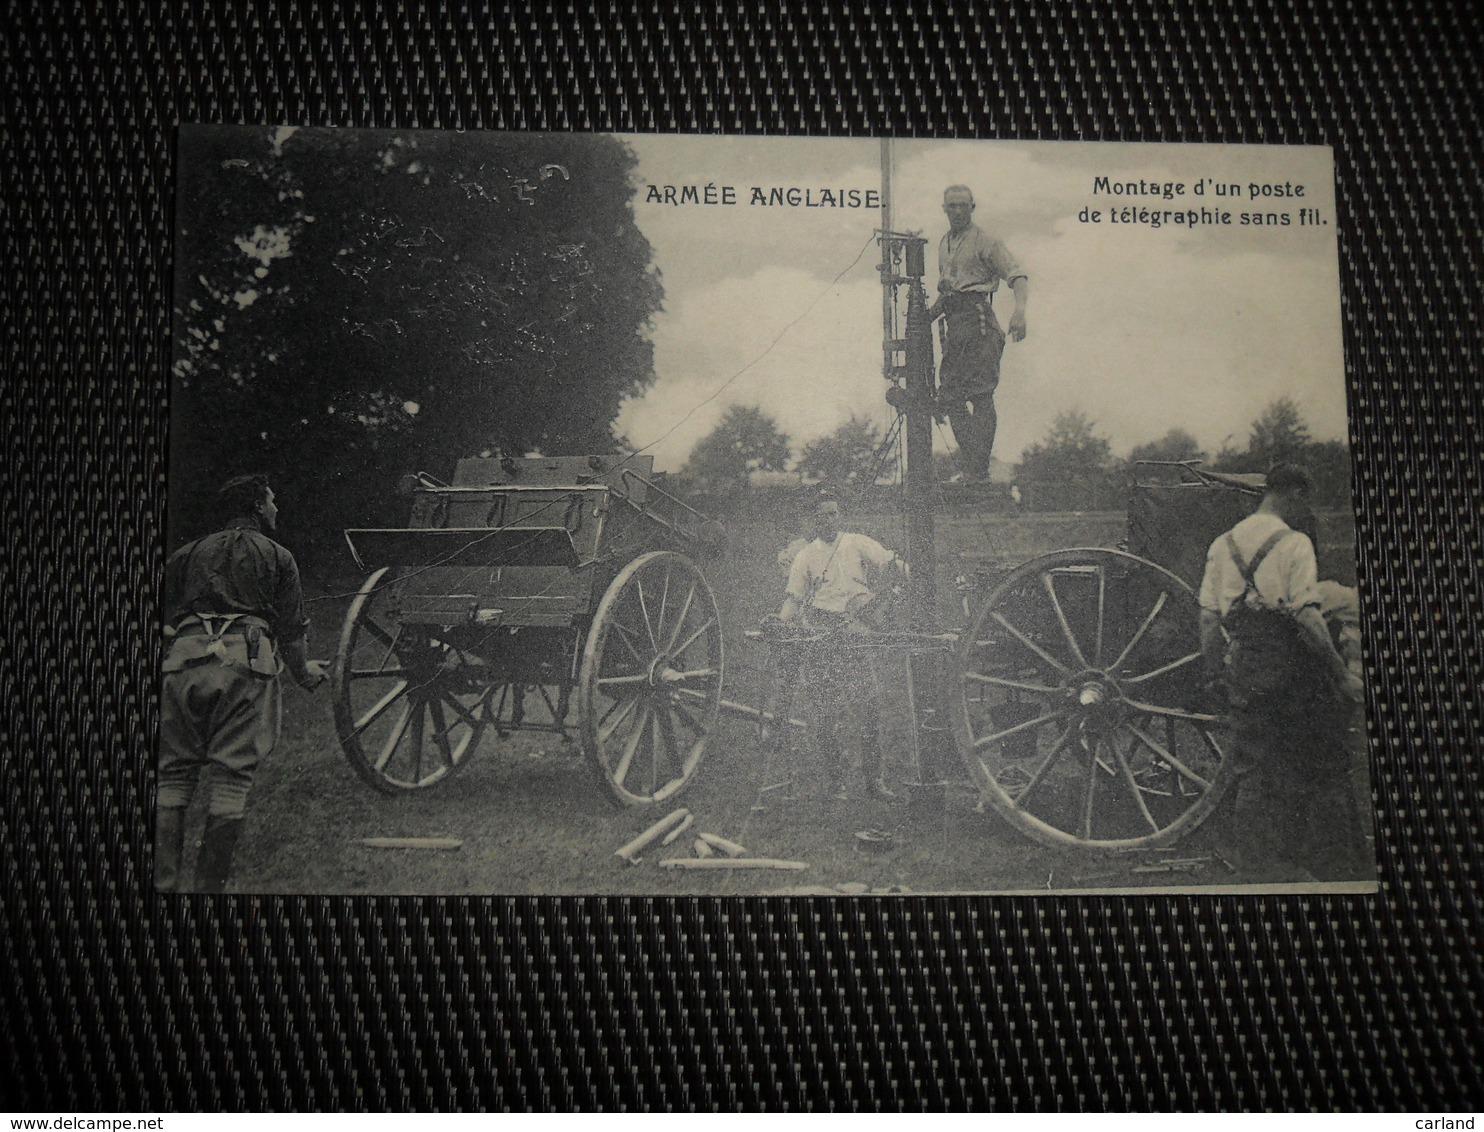 Guerre ( 193 ) Oorlog 1914 - 1918  Armée Anglaise  Leger  Soldats  Soldat  Soldaten Soldaat Poste Télégraphie - Guerre 1914-18